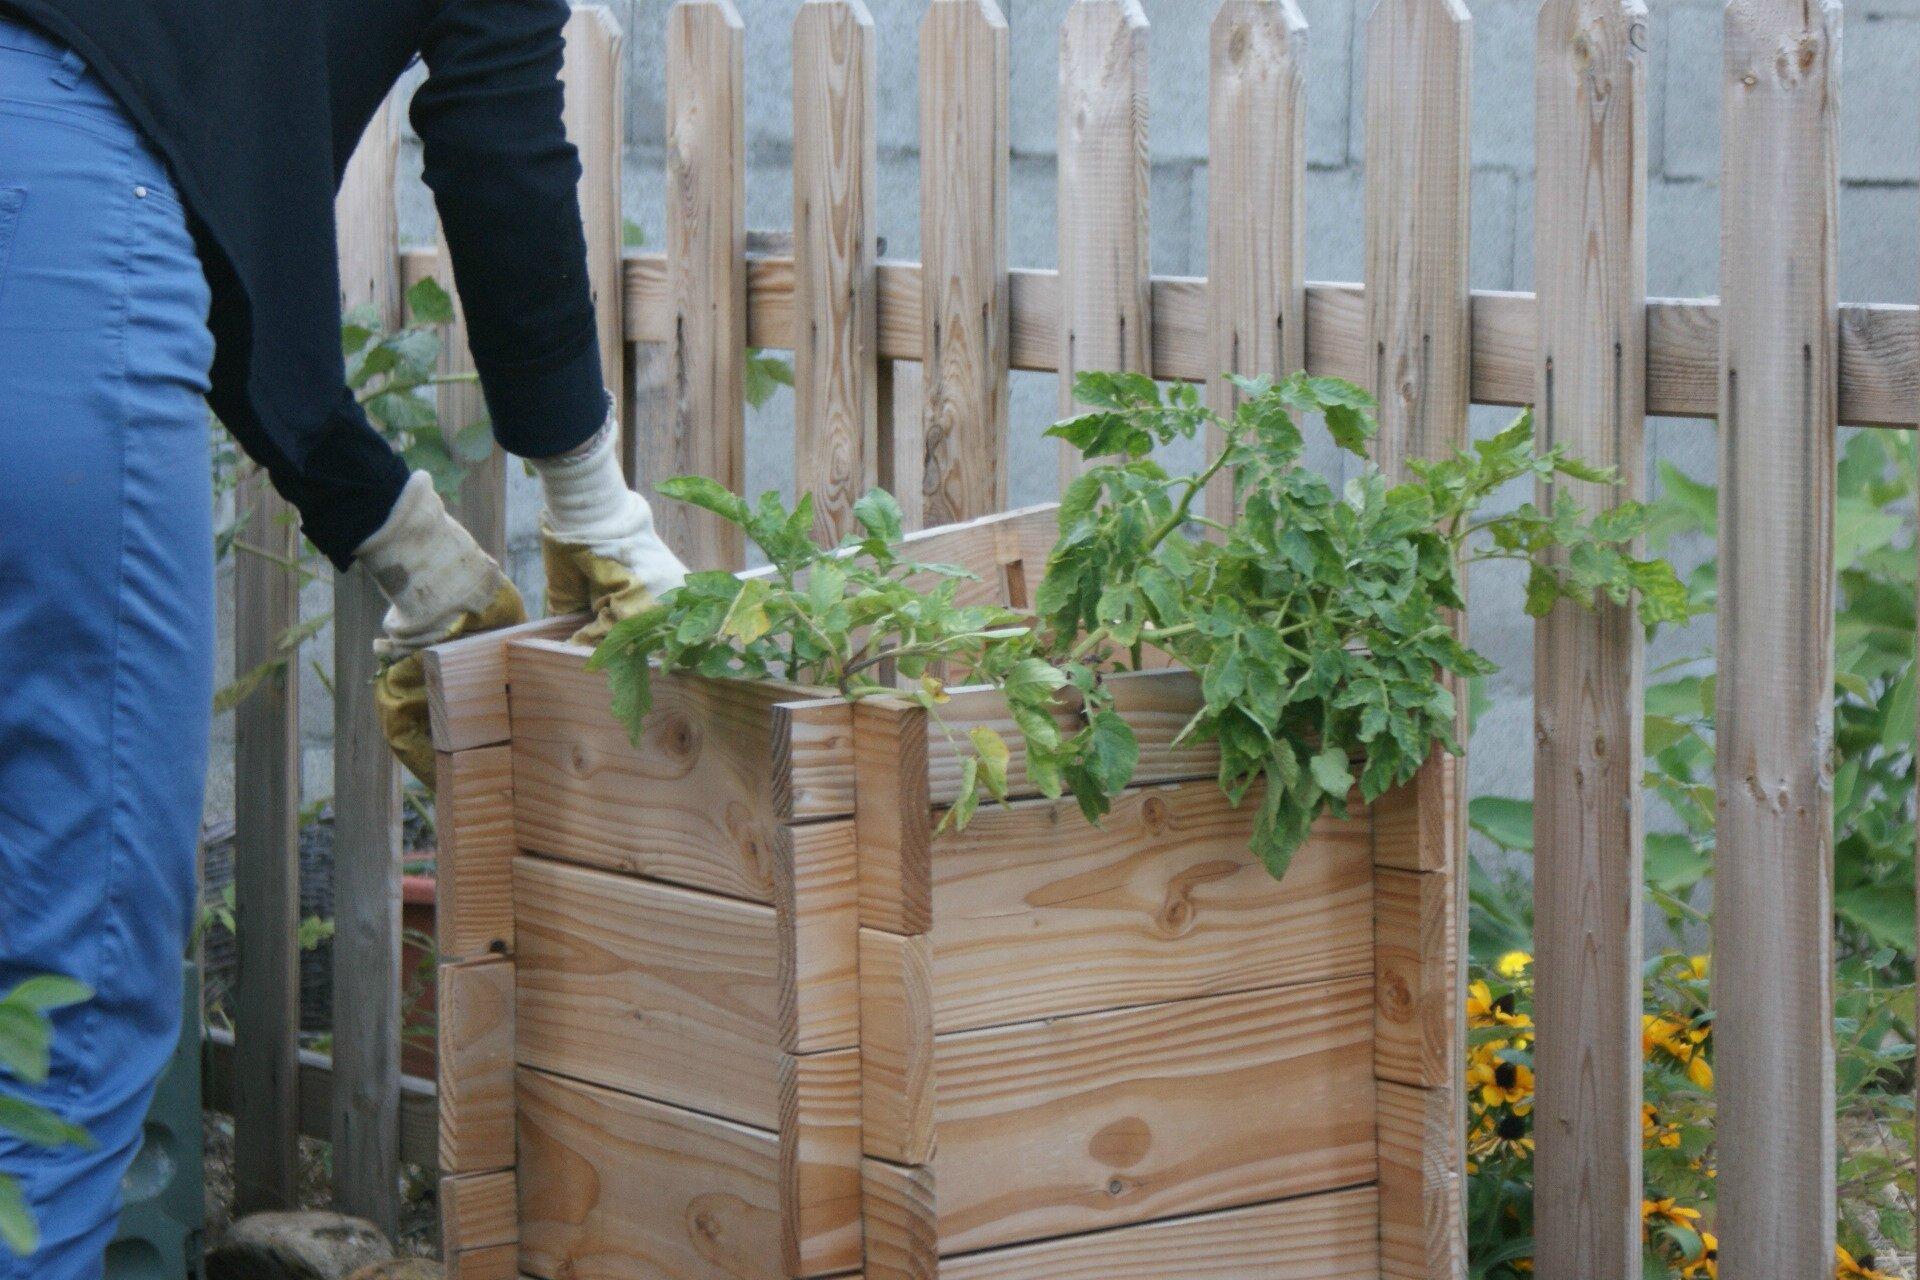 Potager 3 Etages Botanic la tour à patates #3 - fin du test - 2013 - une brindille au